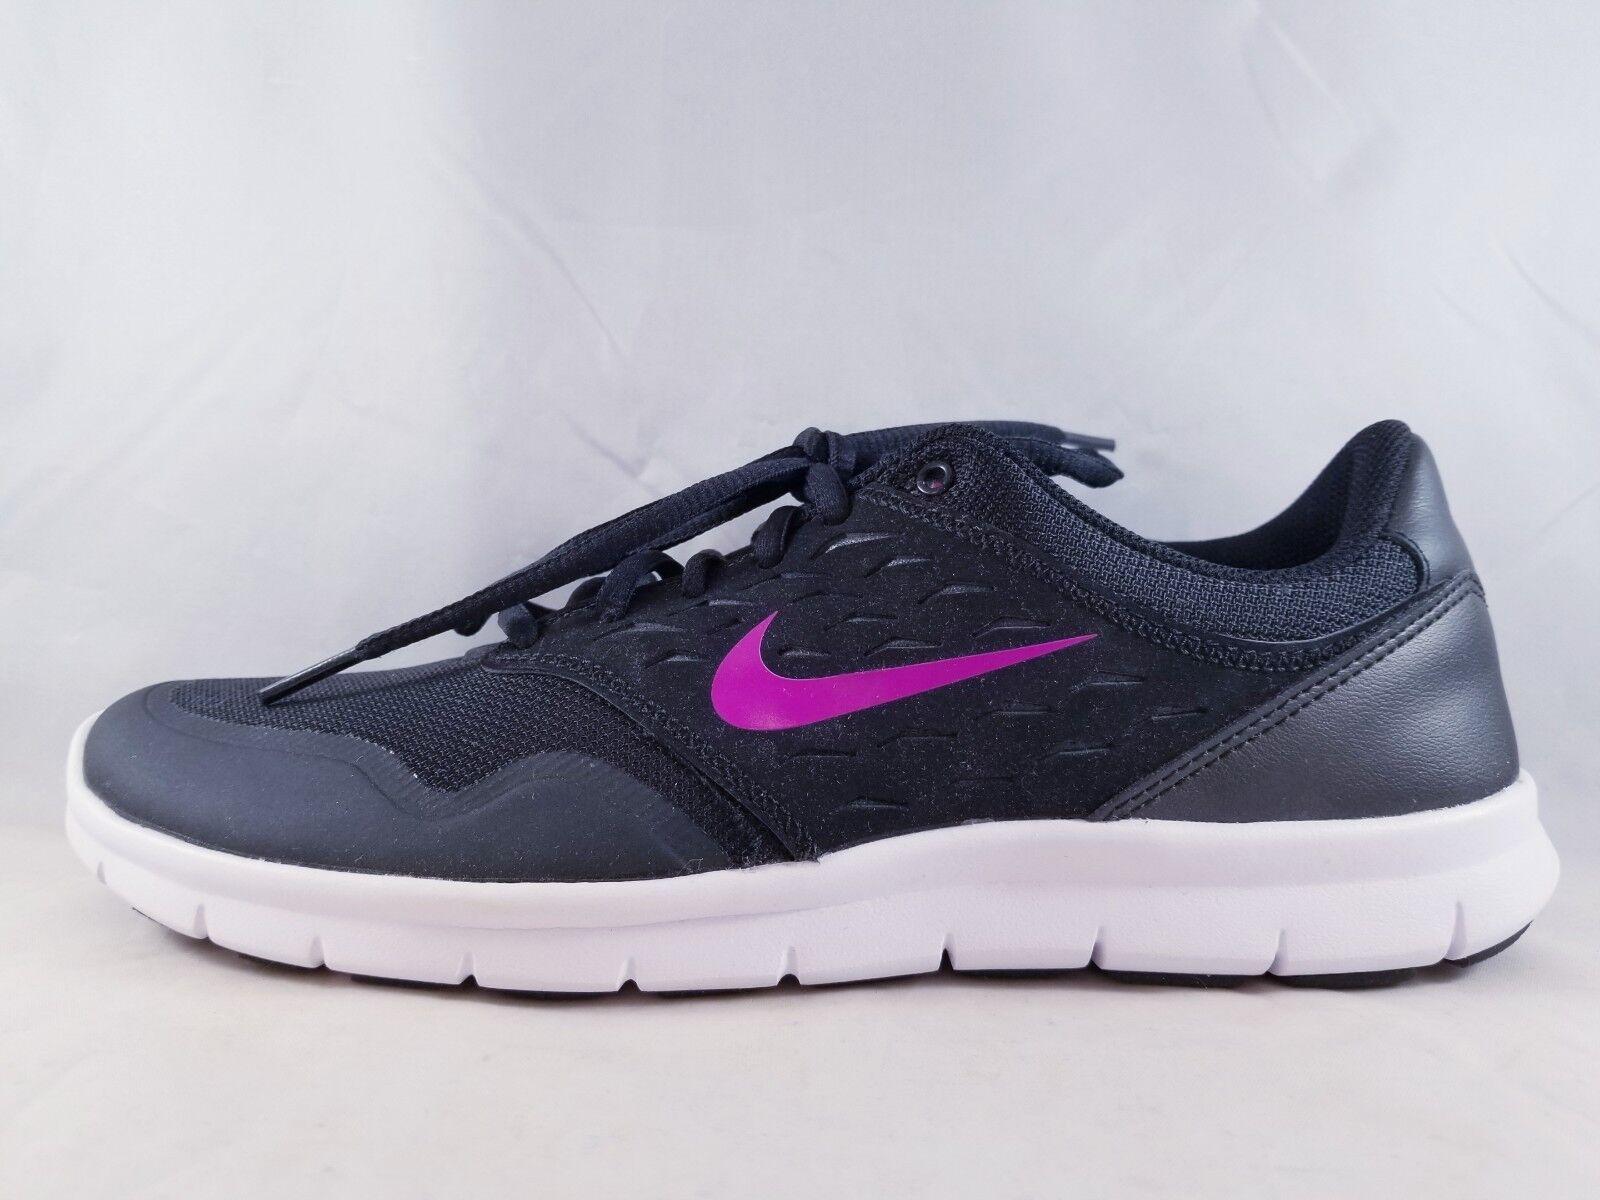 Nike Orive NM Women's Running Shoe 677136 039 Size 9